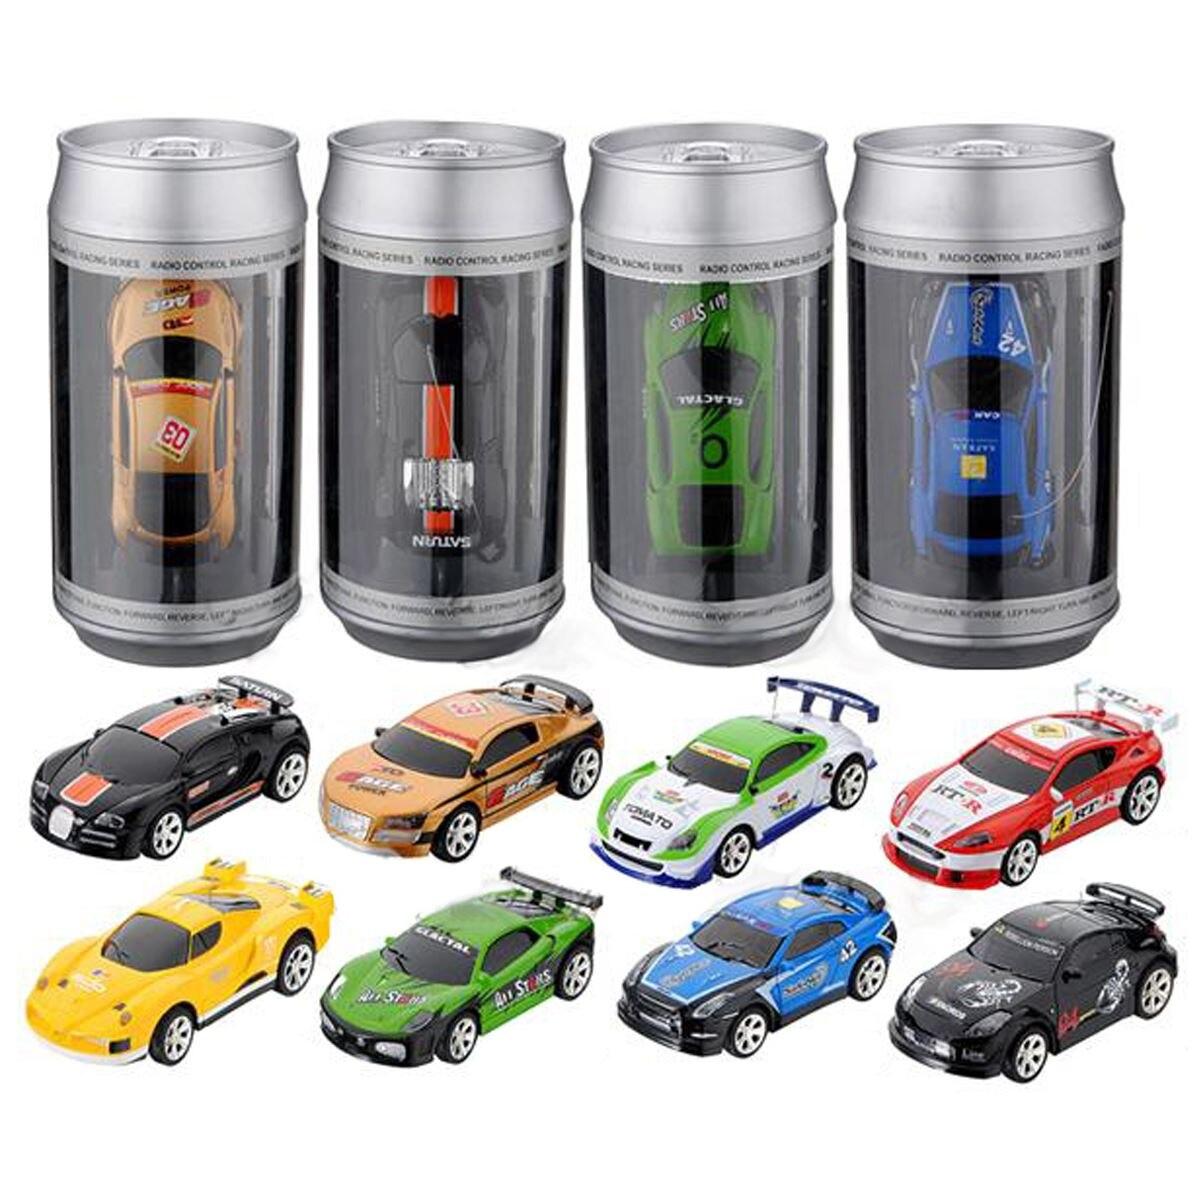 Лидер продаж кокса Мини RC автомобилей Радио Дистанционное управление Micro гоночный автомобиль 4 частоты для детей Подарки подарки RC модели